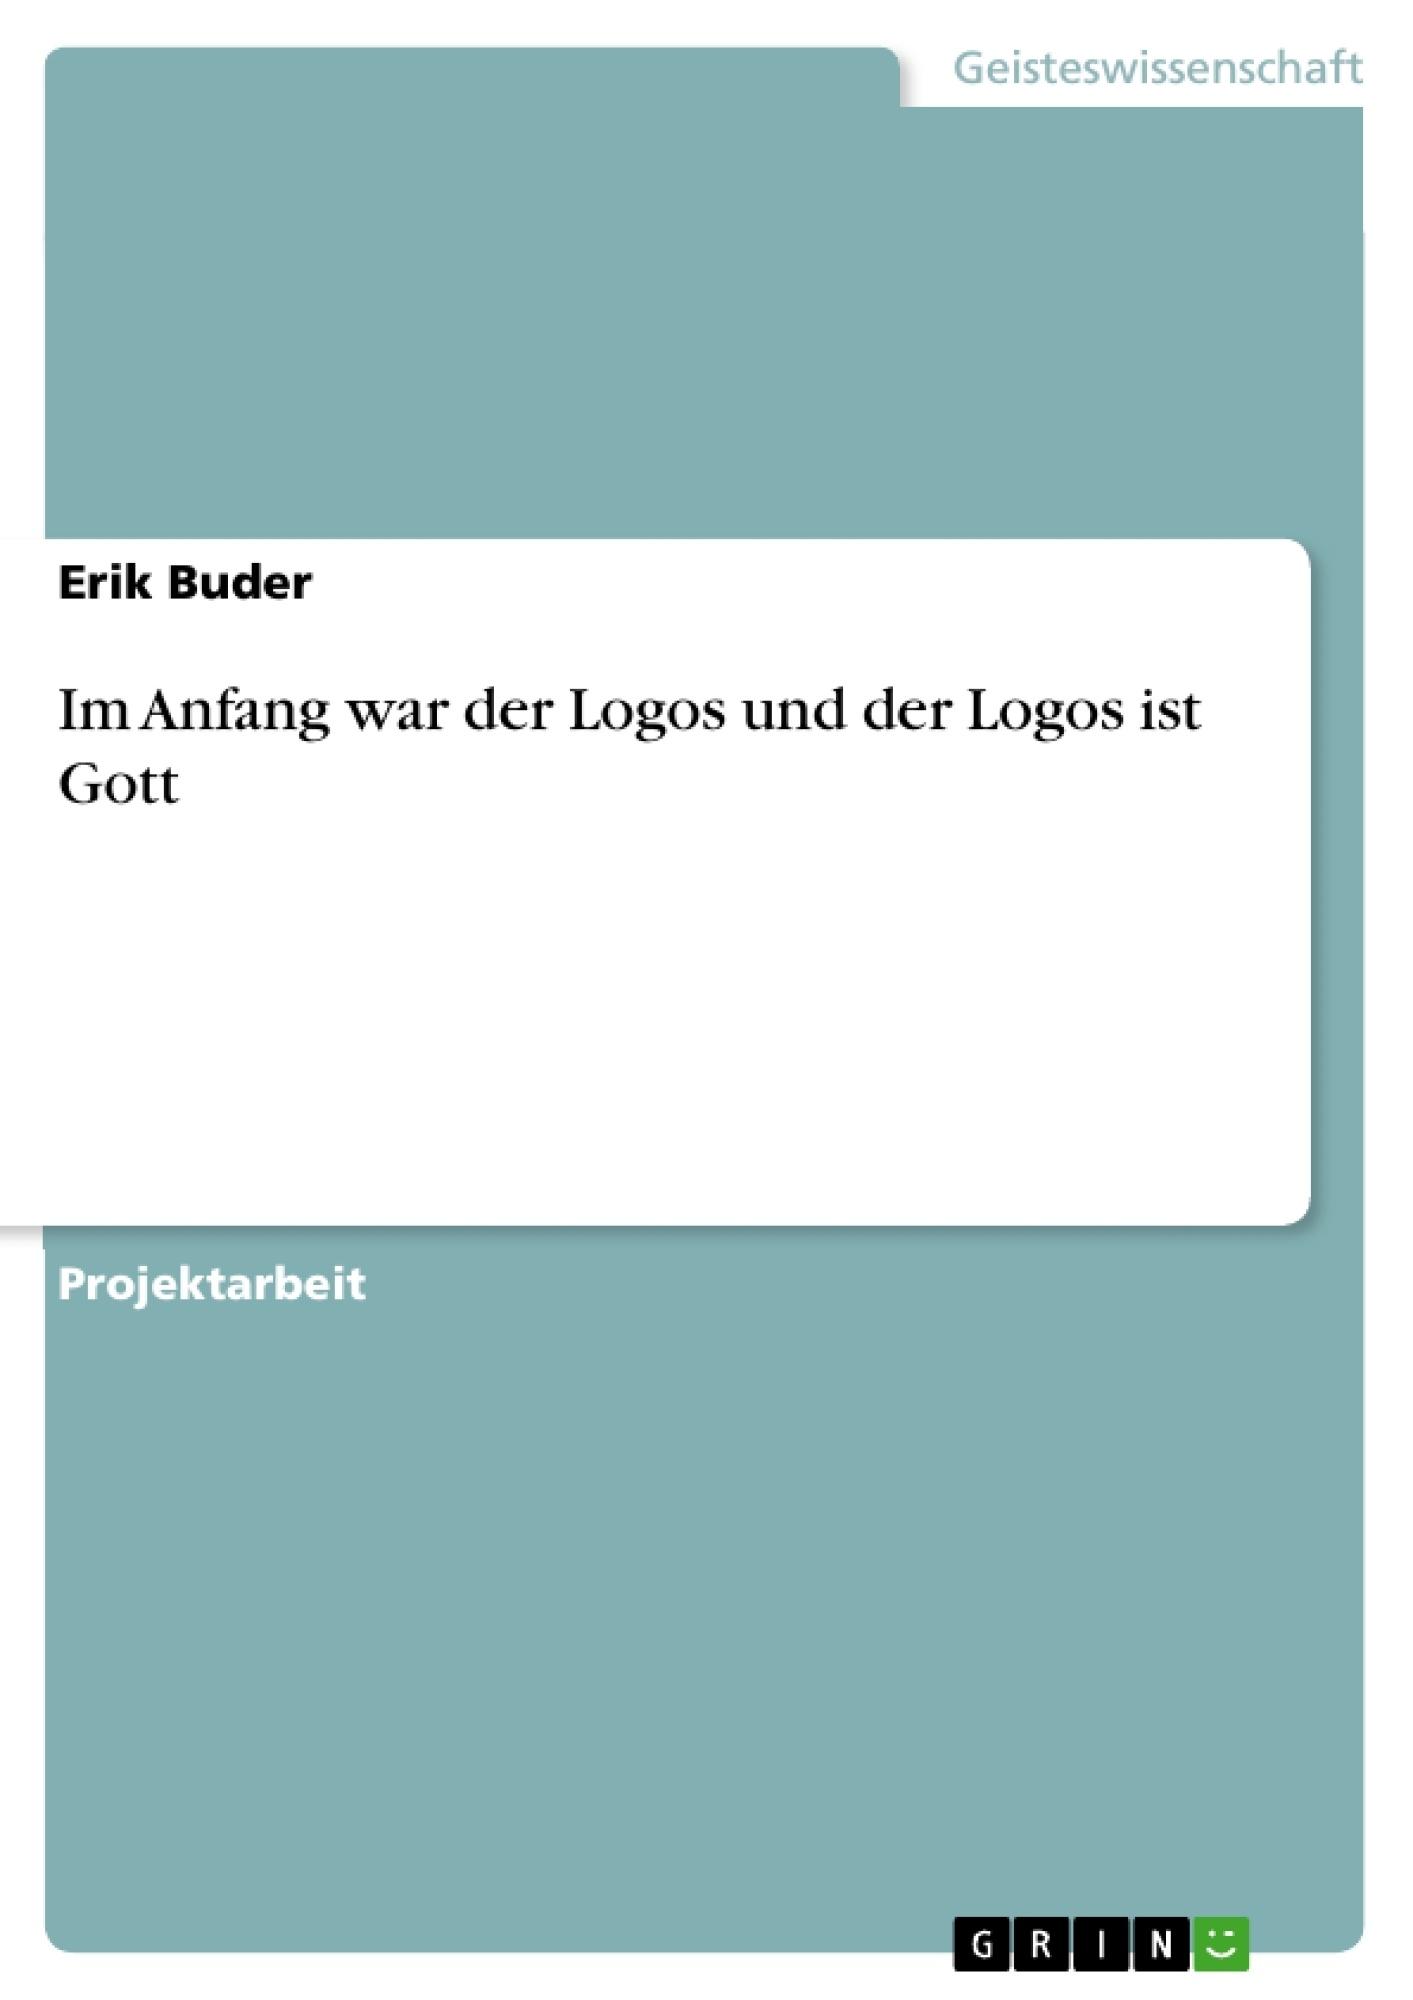 Titel: Im Anfang war der Logos und der Logos ist Gott